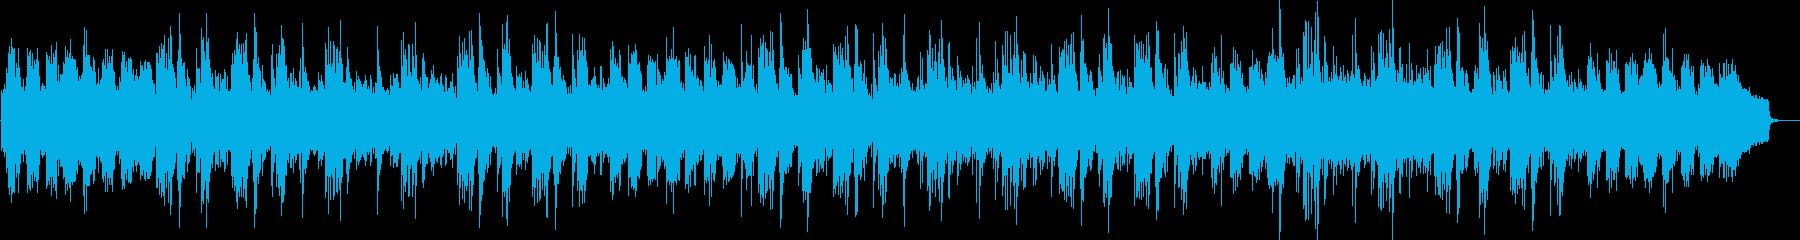 ロマンティックなピアノメインの曲ですの再生済みの波形